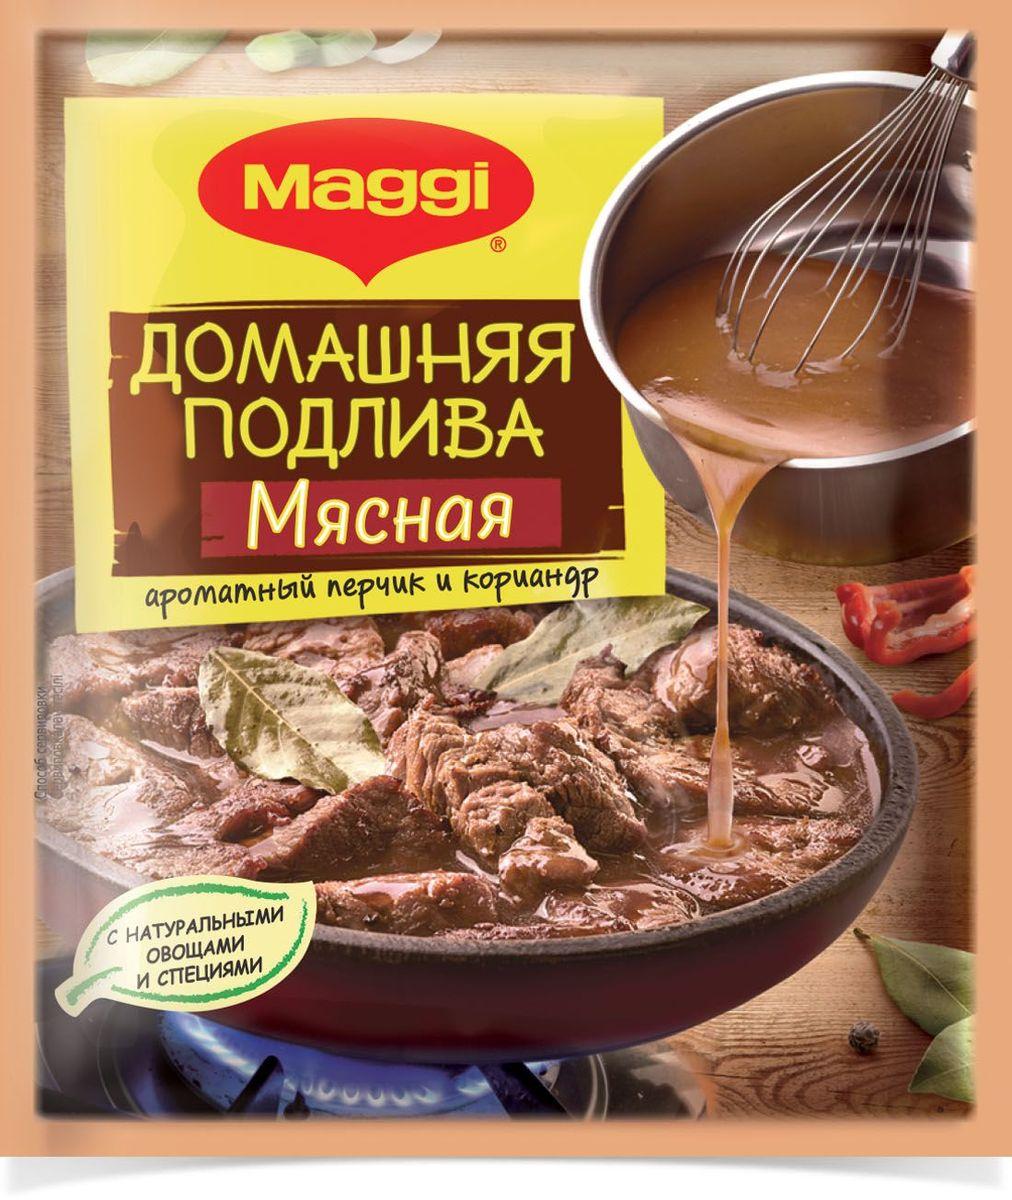 Maggi Подлива домашняя мясная, 90 г0120710Домашняя подлива Maggi - самый простой способ приготовить вкусную подливу! Домашняя Подлива Maggi Мясная поможет вам приготовить вкусные и разнообразные блюда из говядины, свинины: тушеное мясо, жареное мясо, котлеты, азу, ежики, тефтели. Без консервантов.Рекомендуется использовать для приготовления блюд нежирные сорта мяса, а на гарнир подавать крупы или овощи.